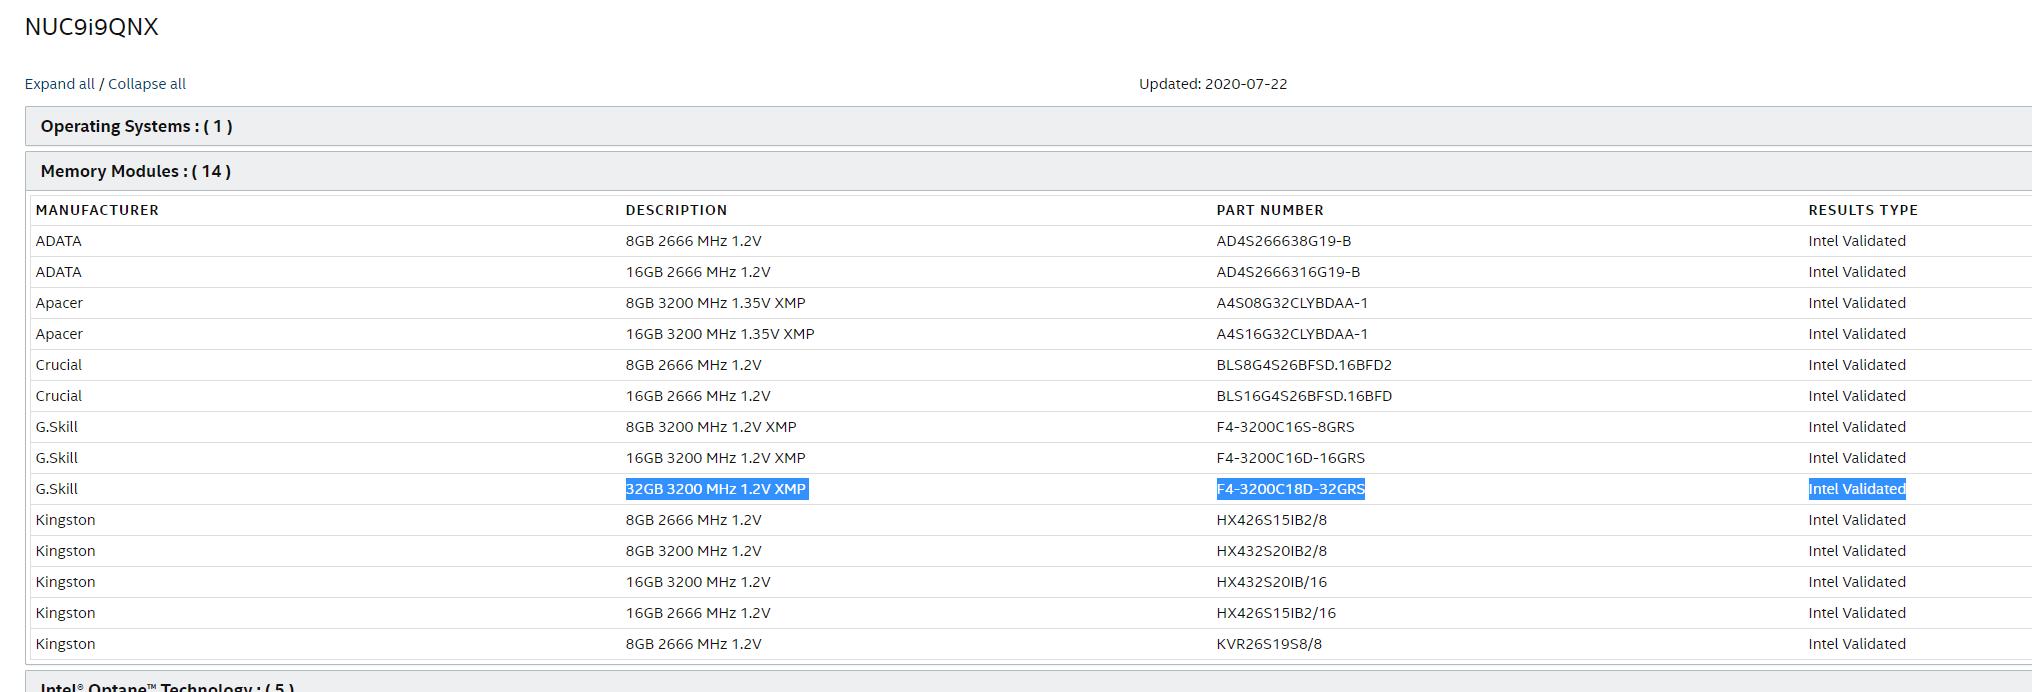 intel validated memory at 3200 MHz